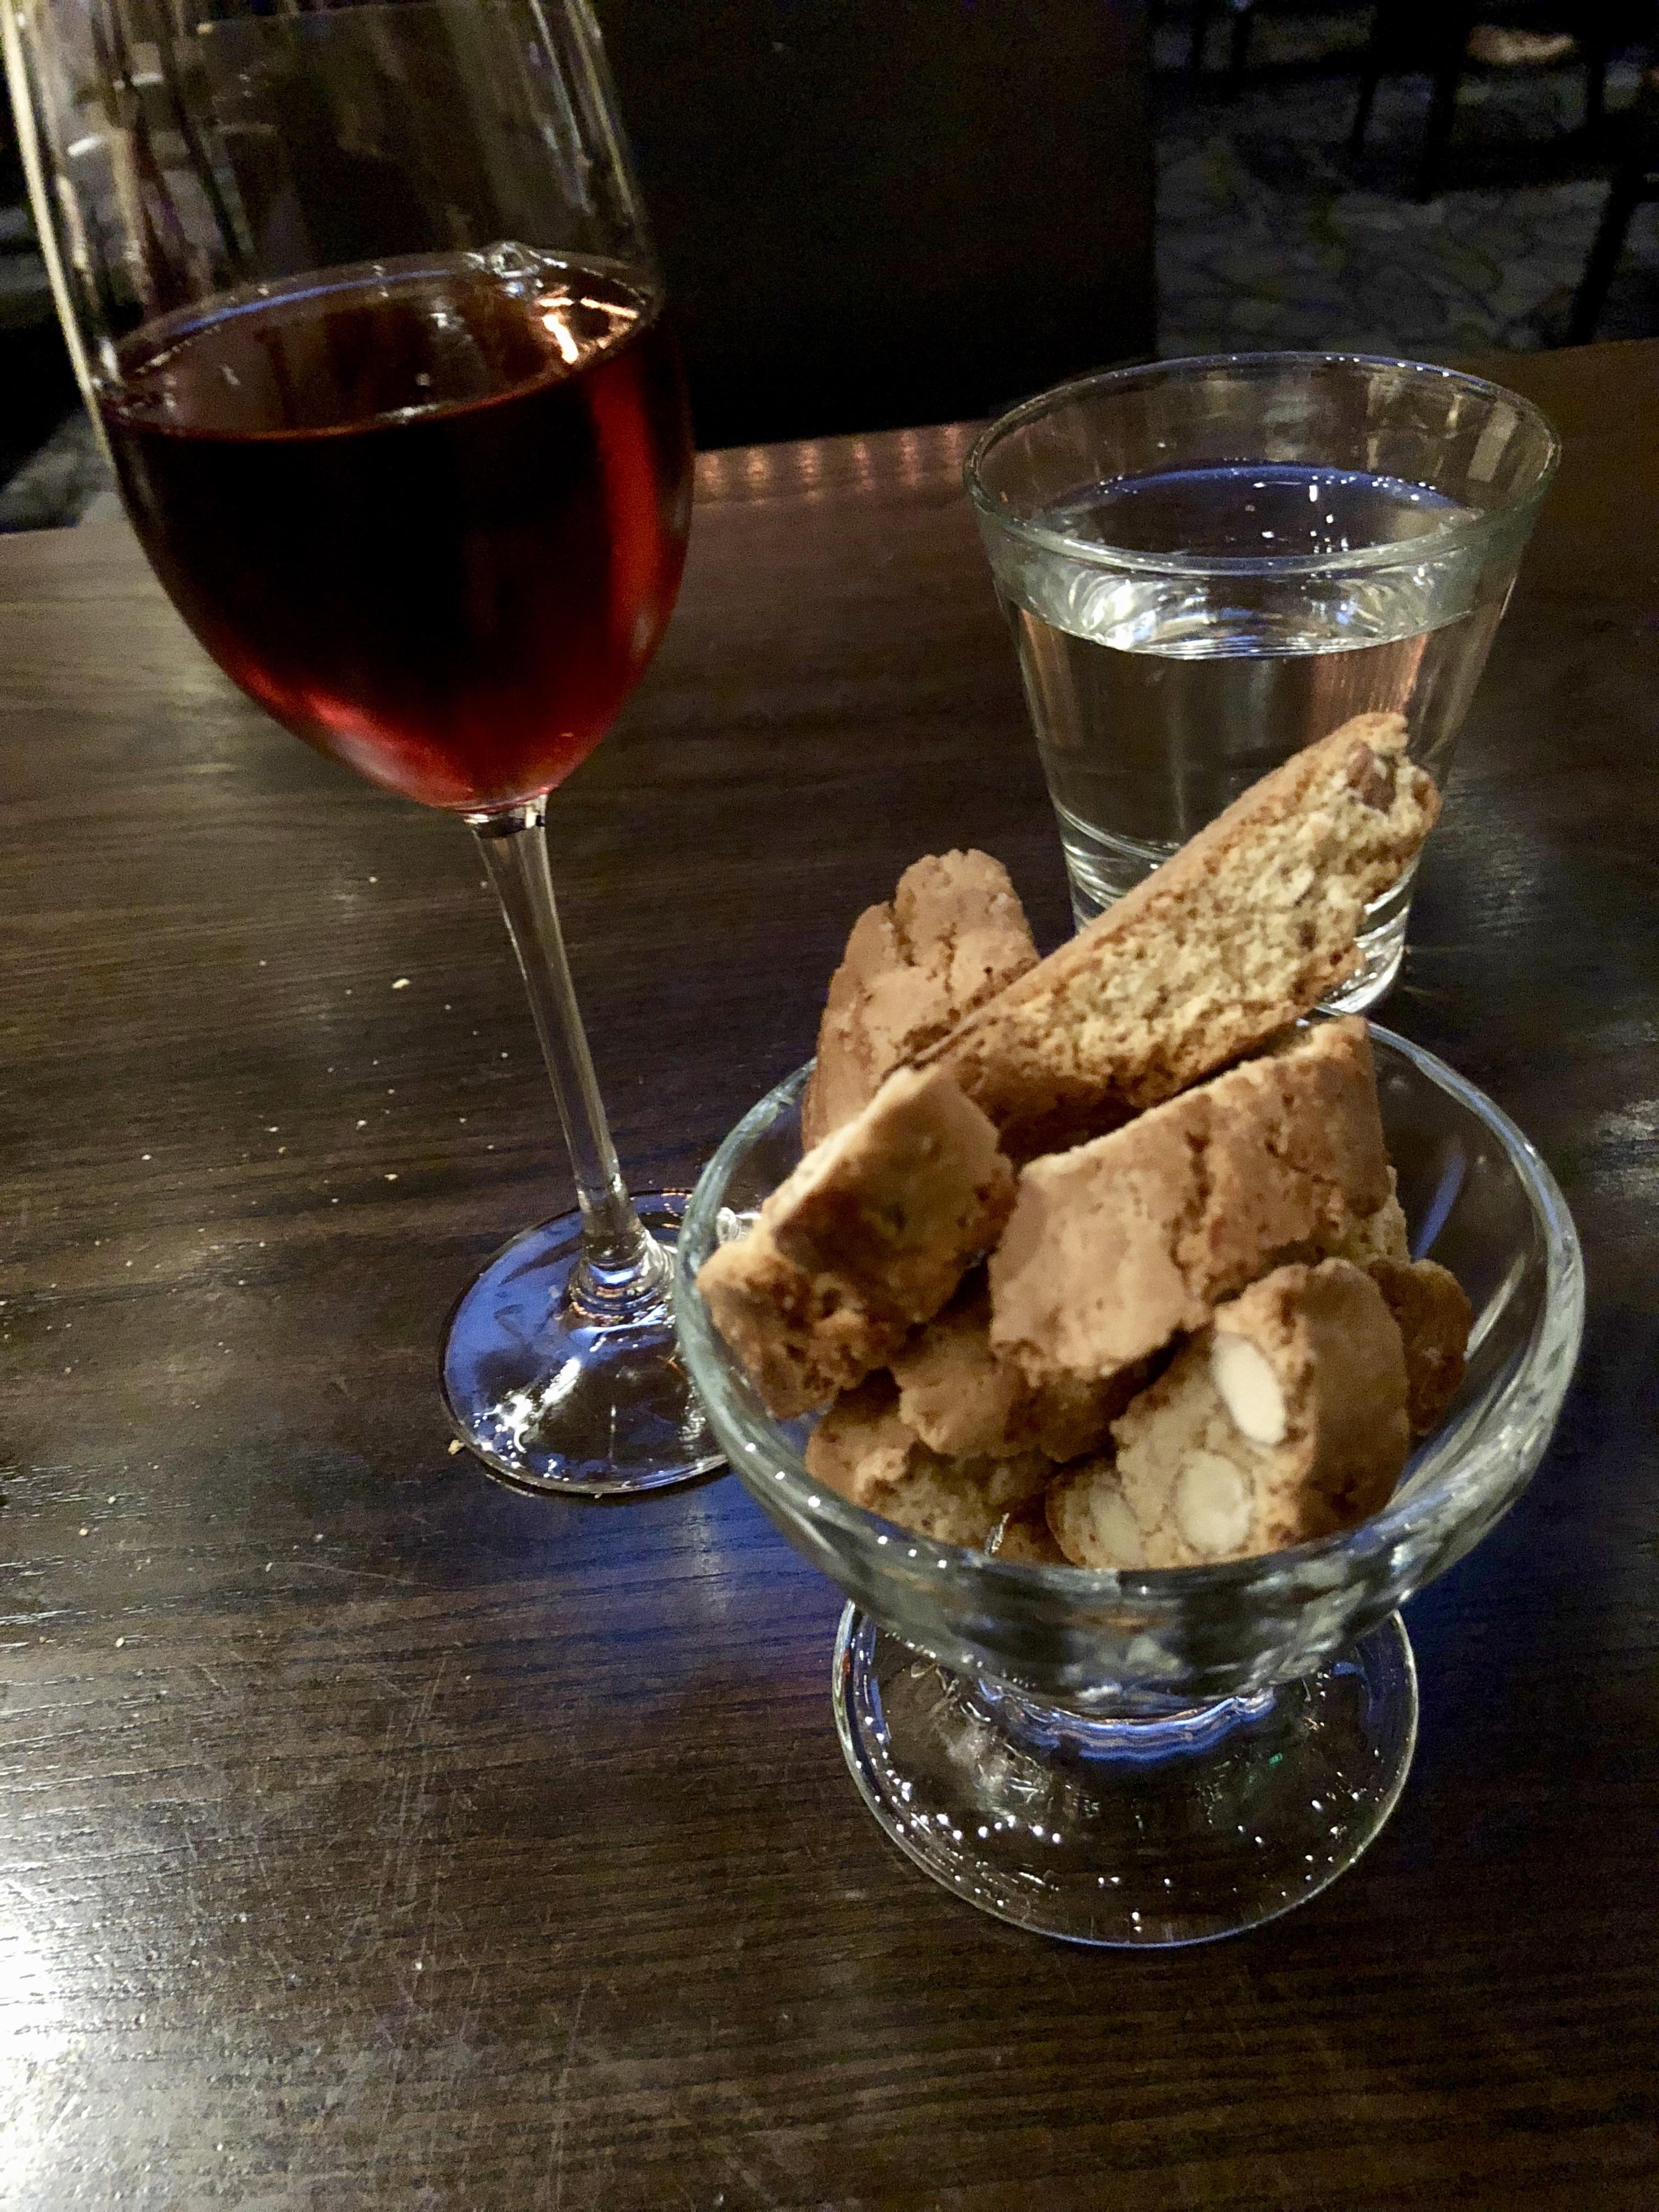 Vin Santo and Almond Biscotti